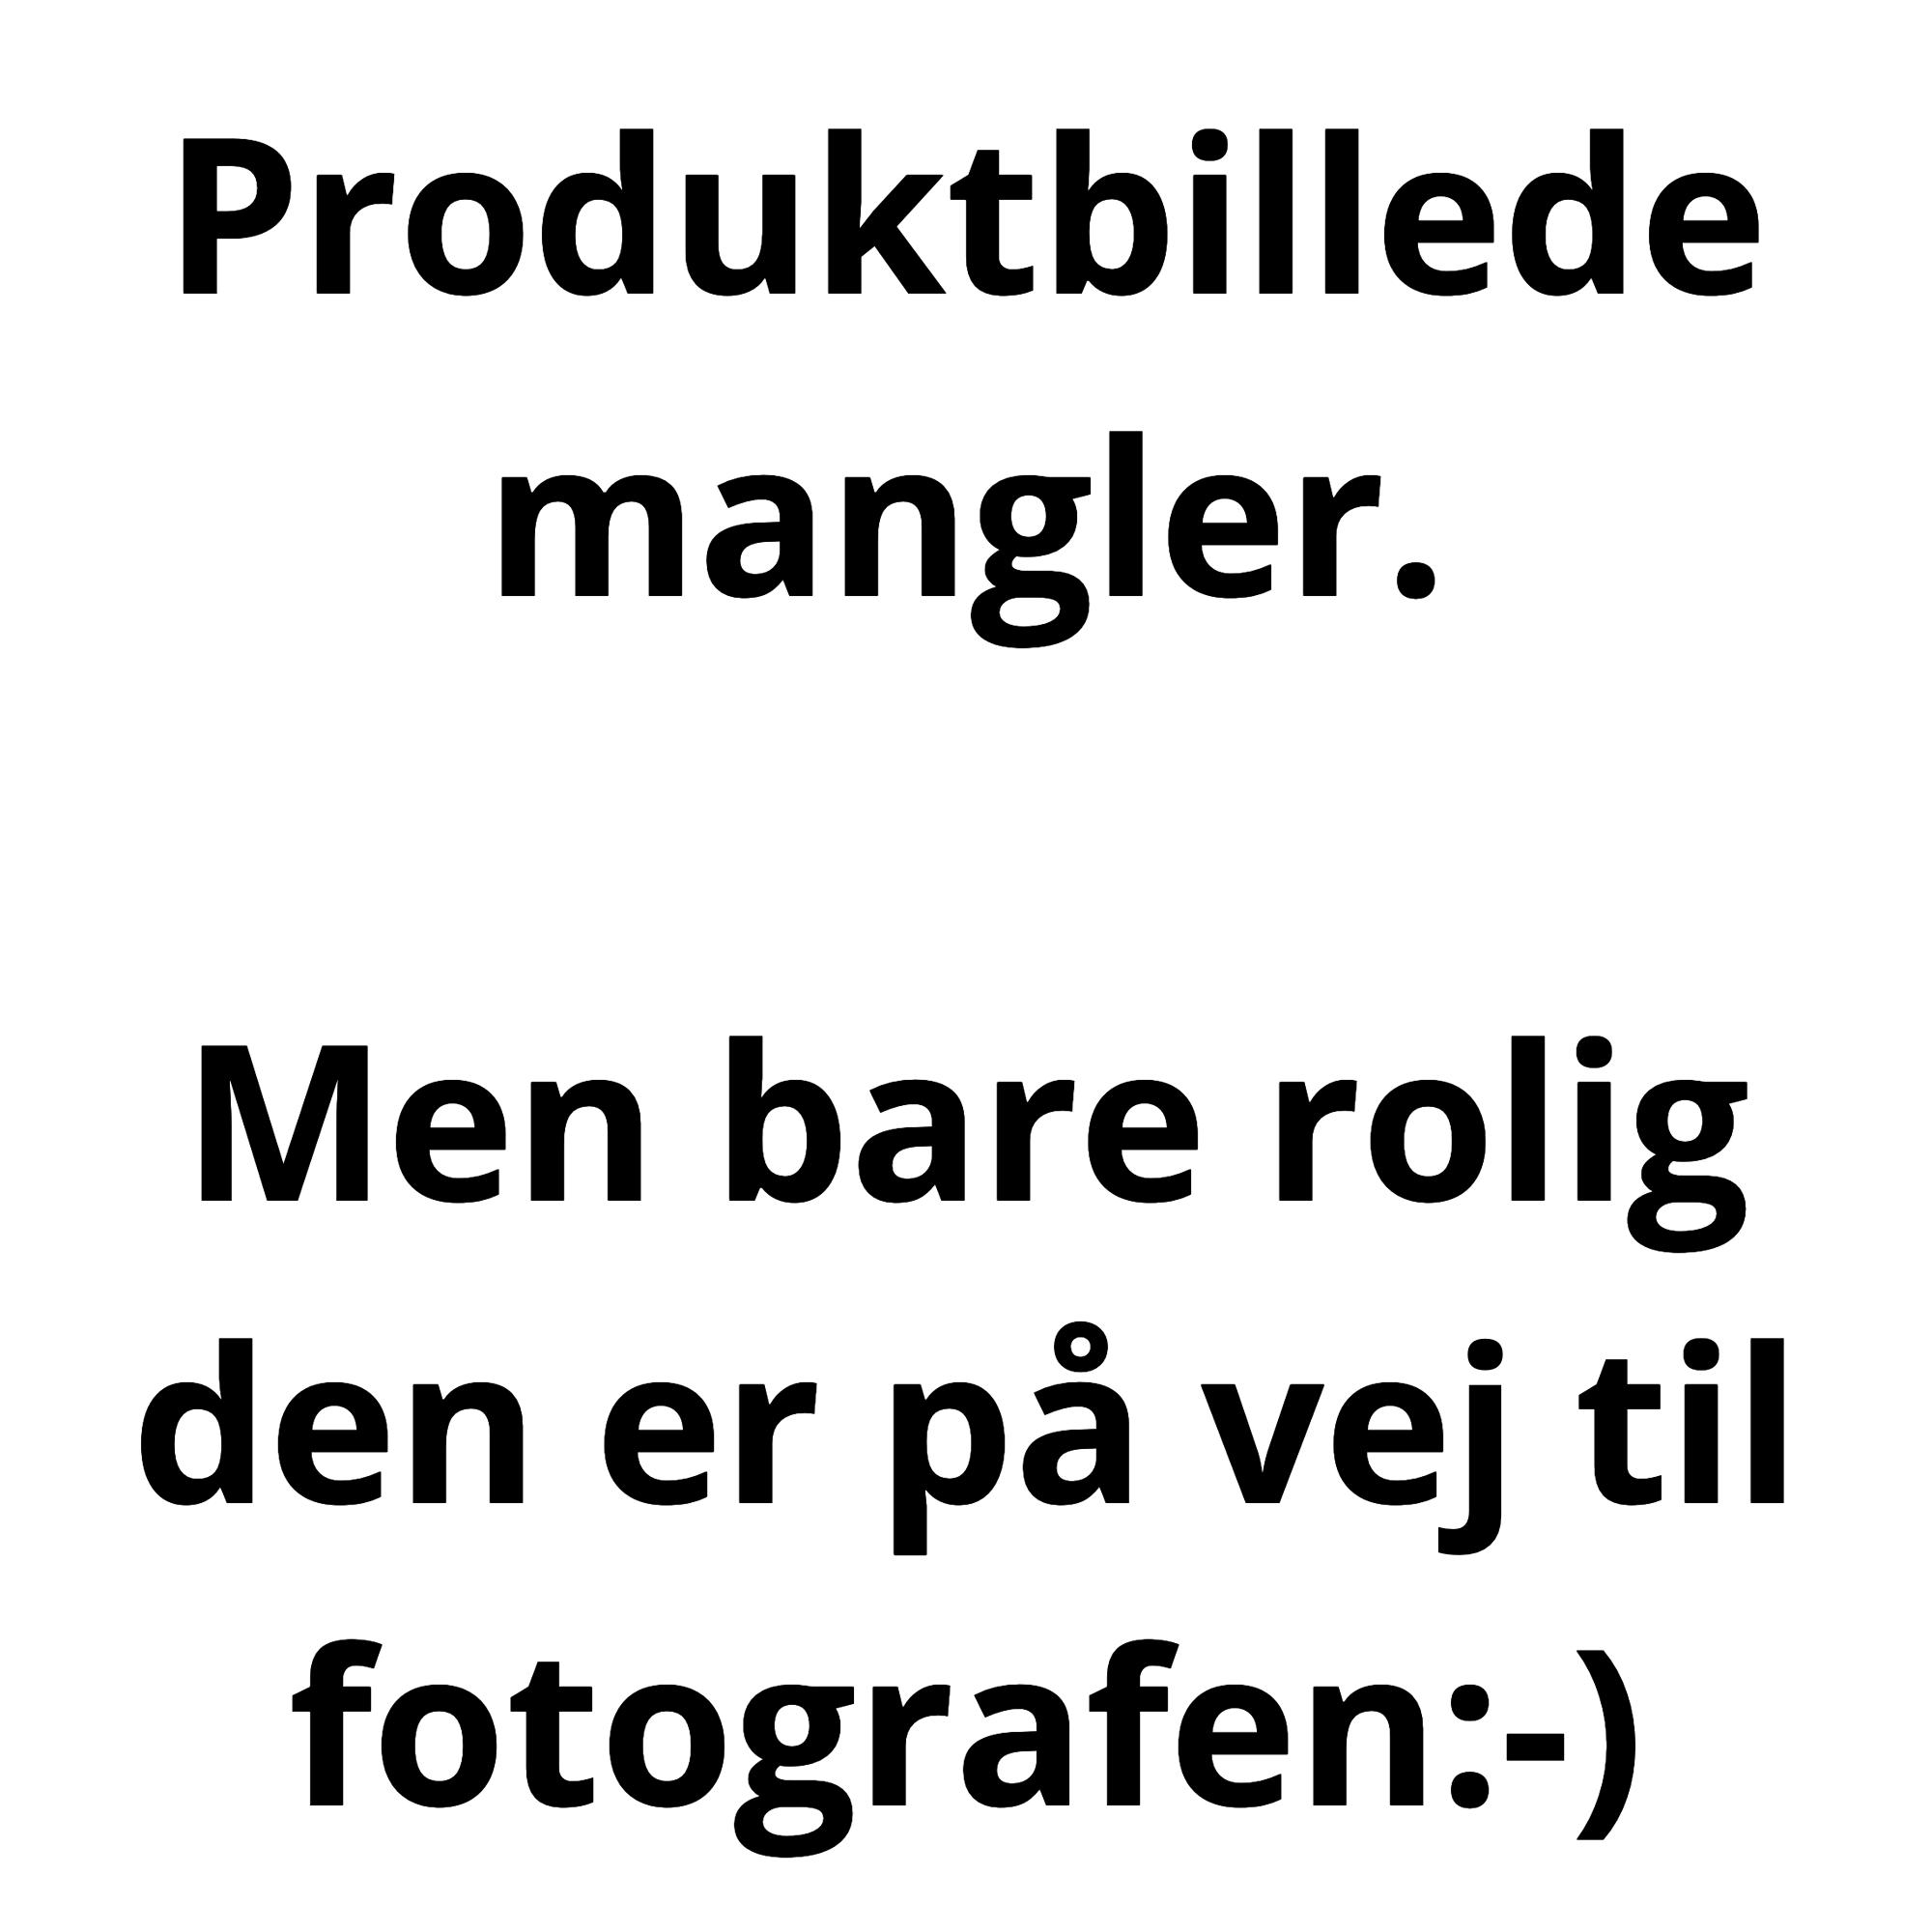 Brodit Justerbar Tablet Holder Med Beskyttelsescover B:185-245 H: 108-173 - 511625